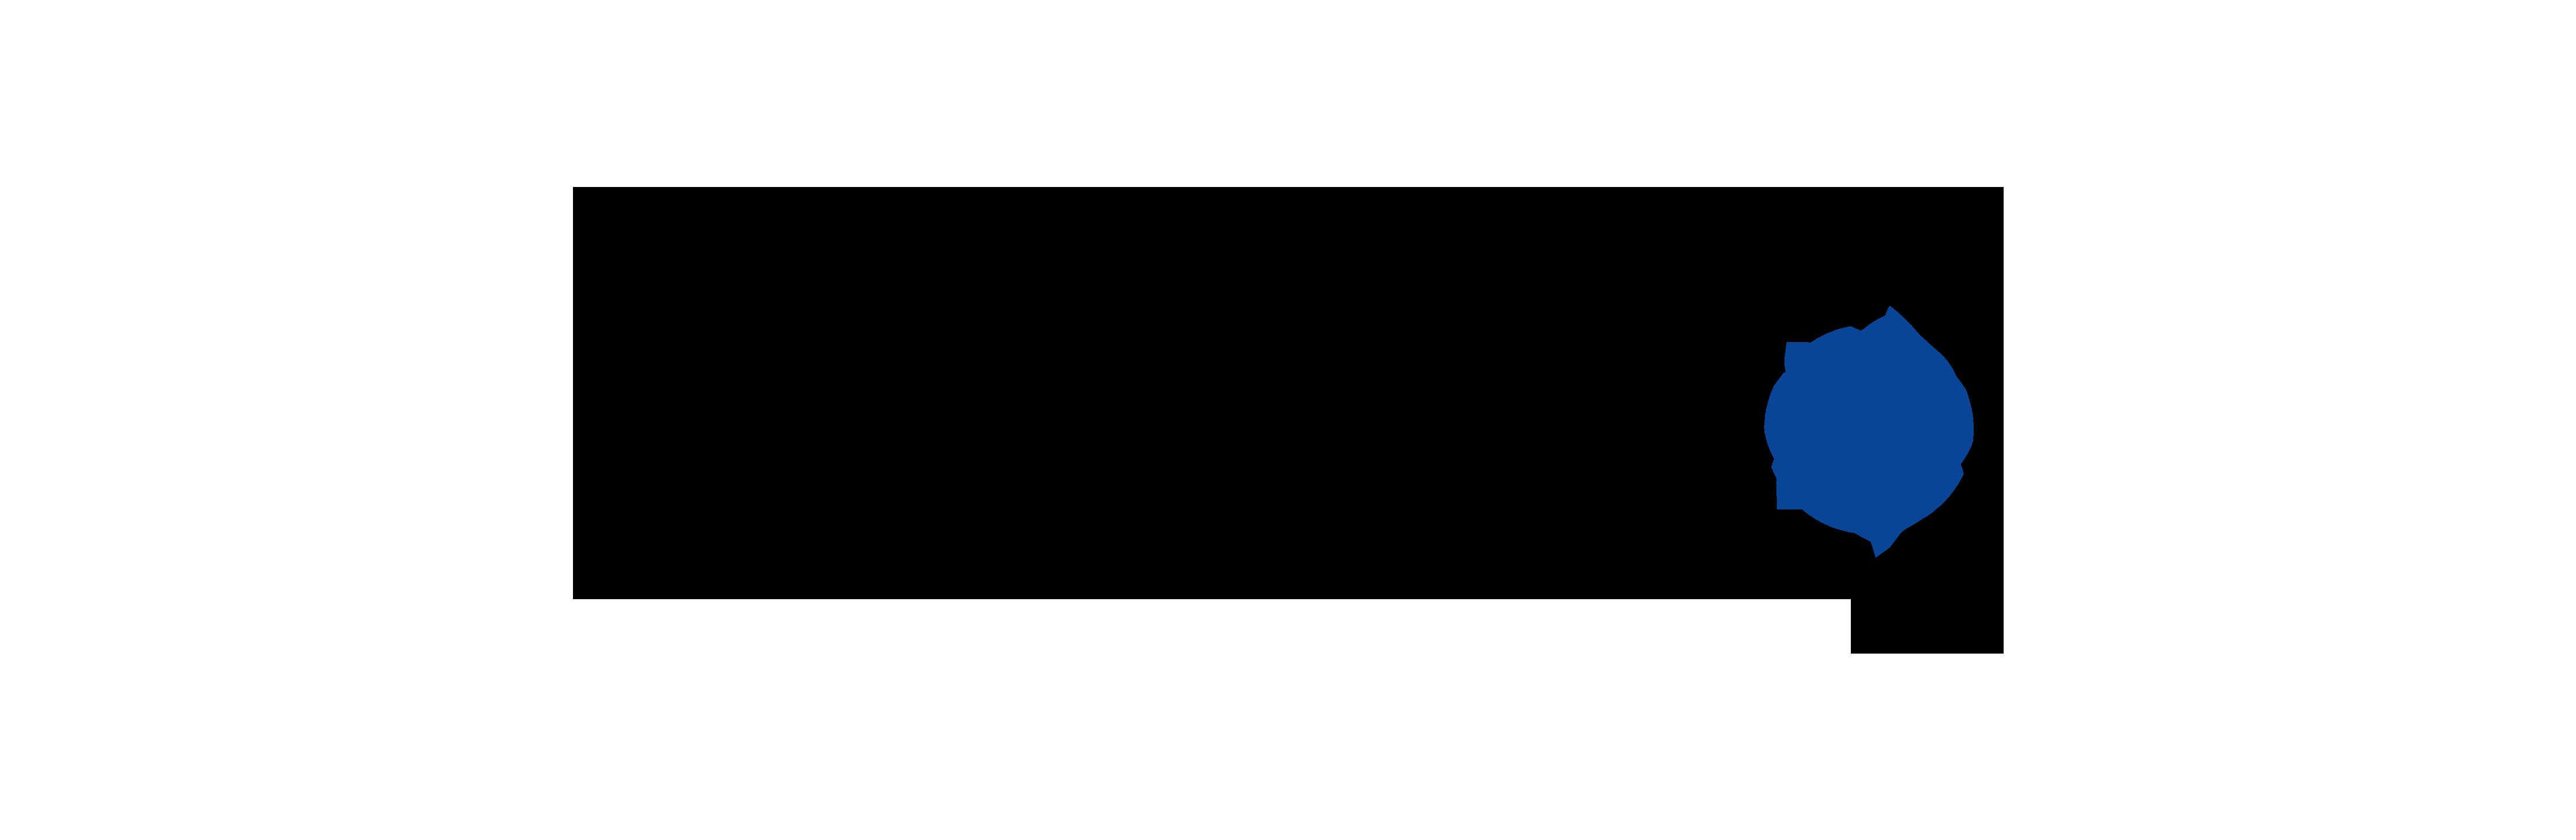 IfBest - Информационный портал